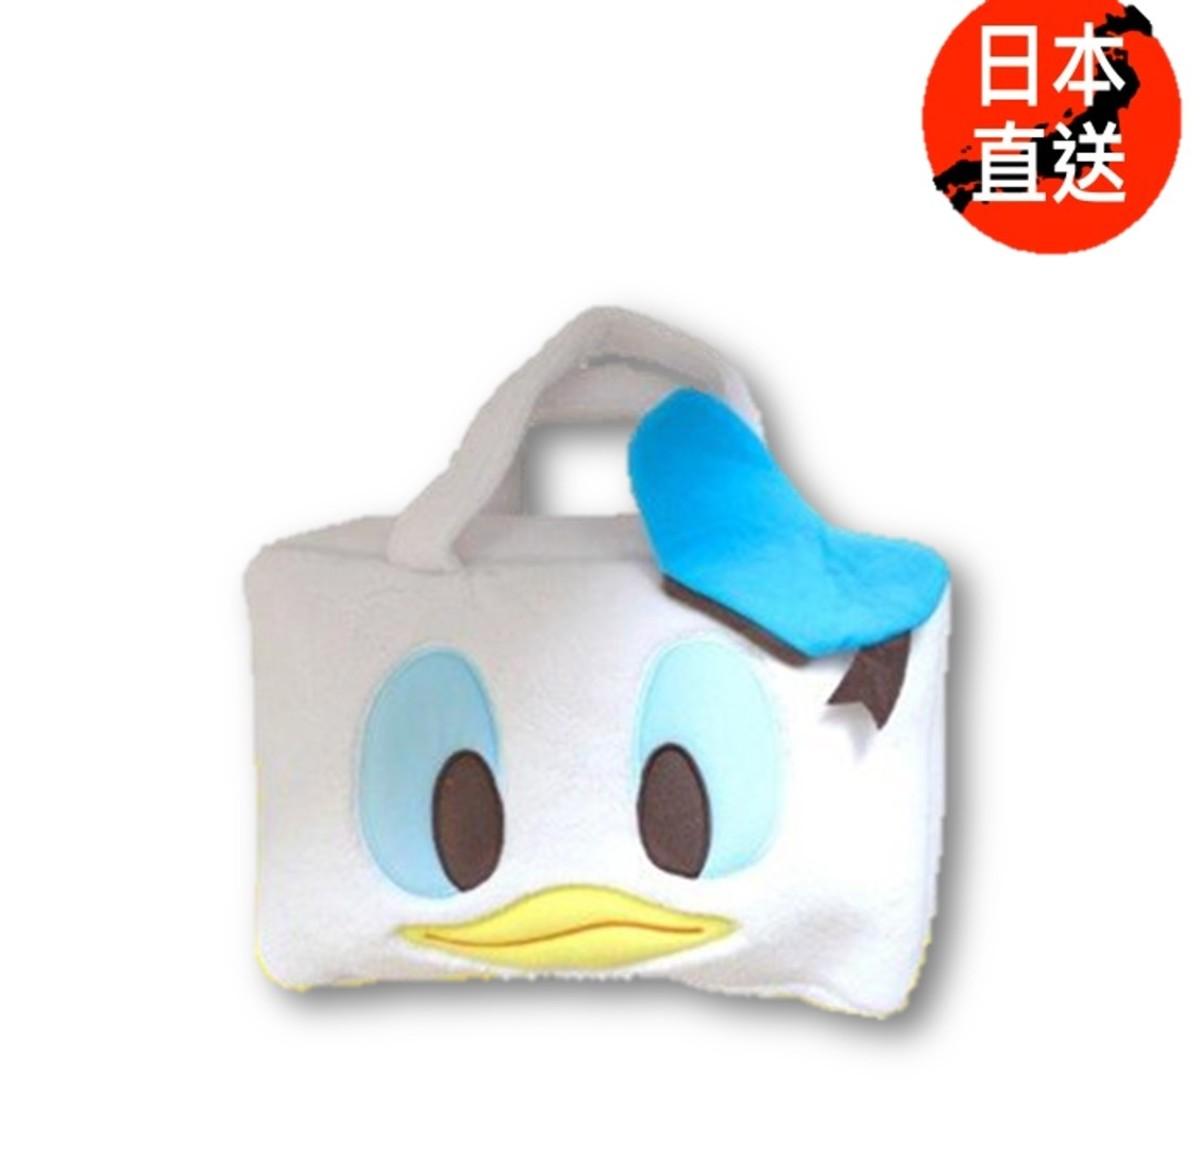 Disney--Multi-purpose storage bag (Licensed by Disney)